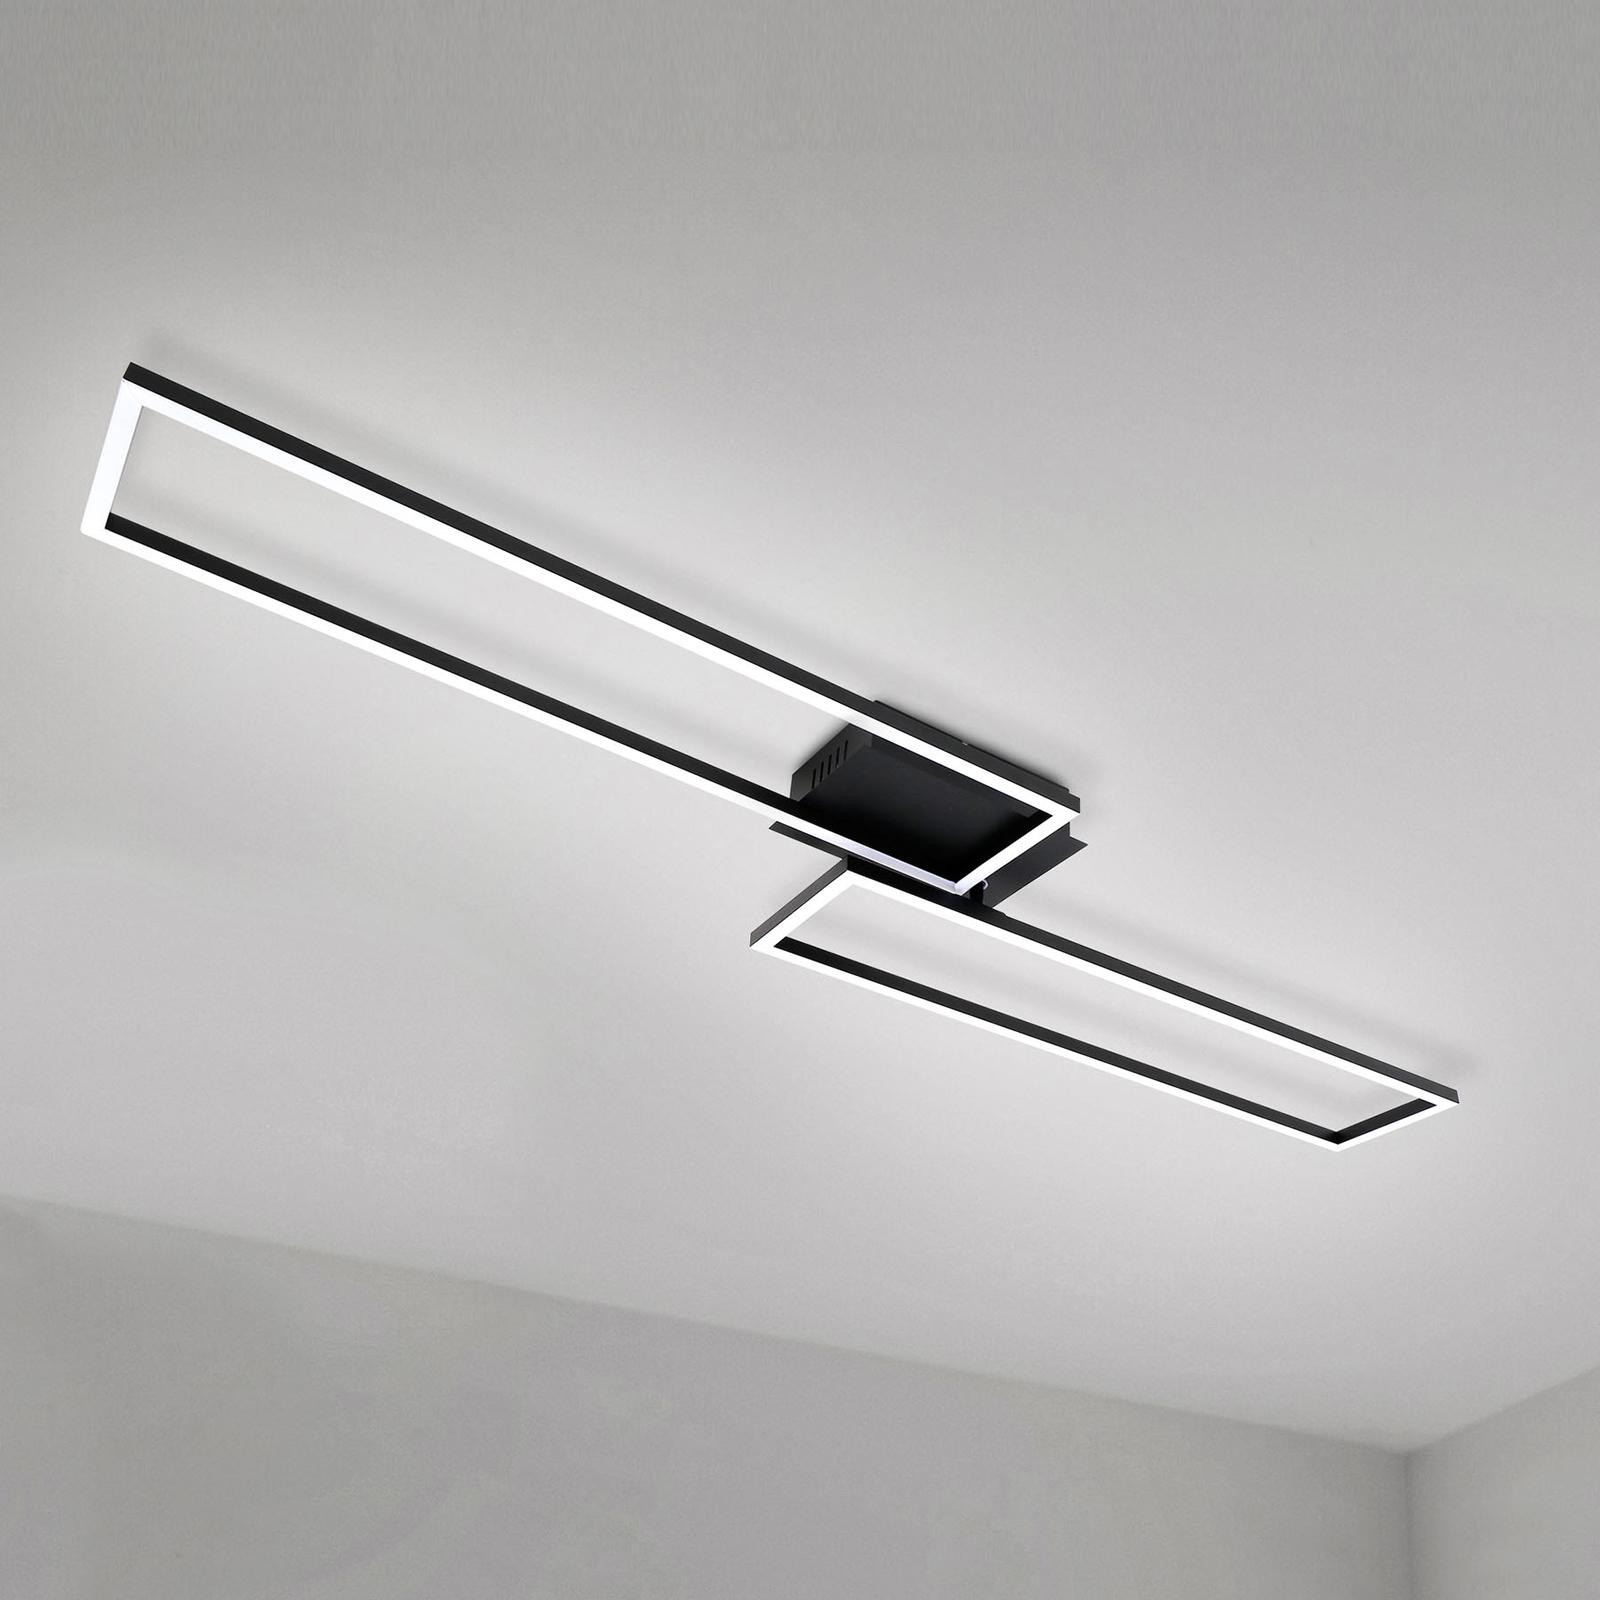 LED-Deckenlampe Frame, Fernbedienung, schwarz